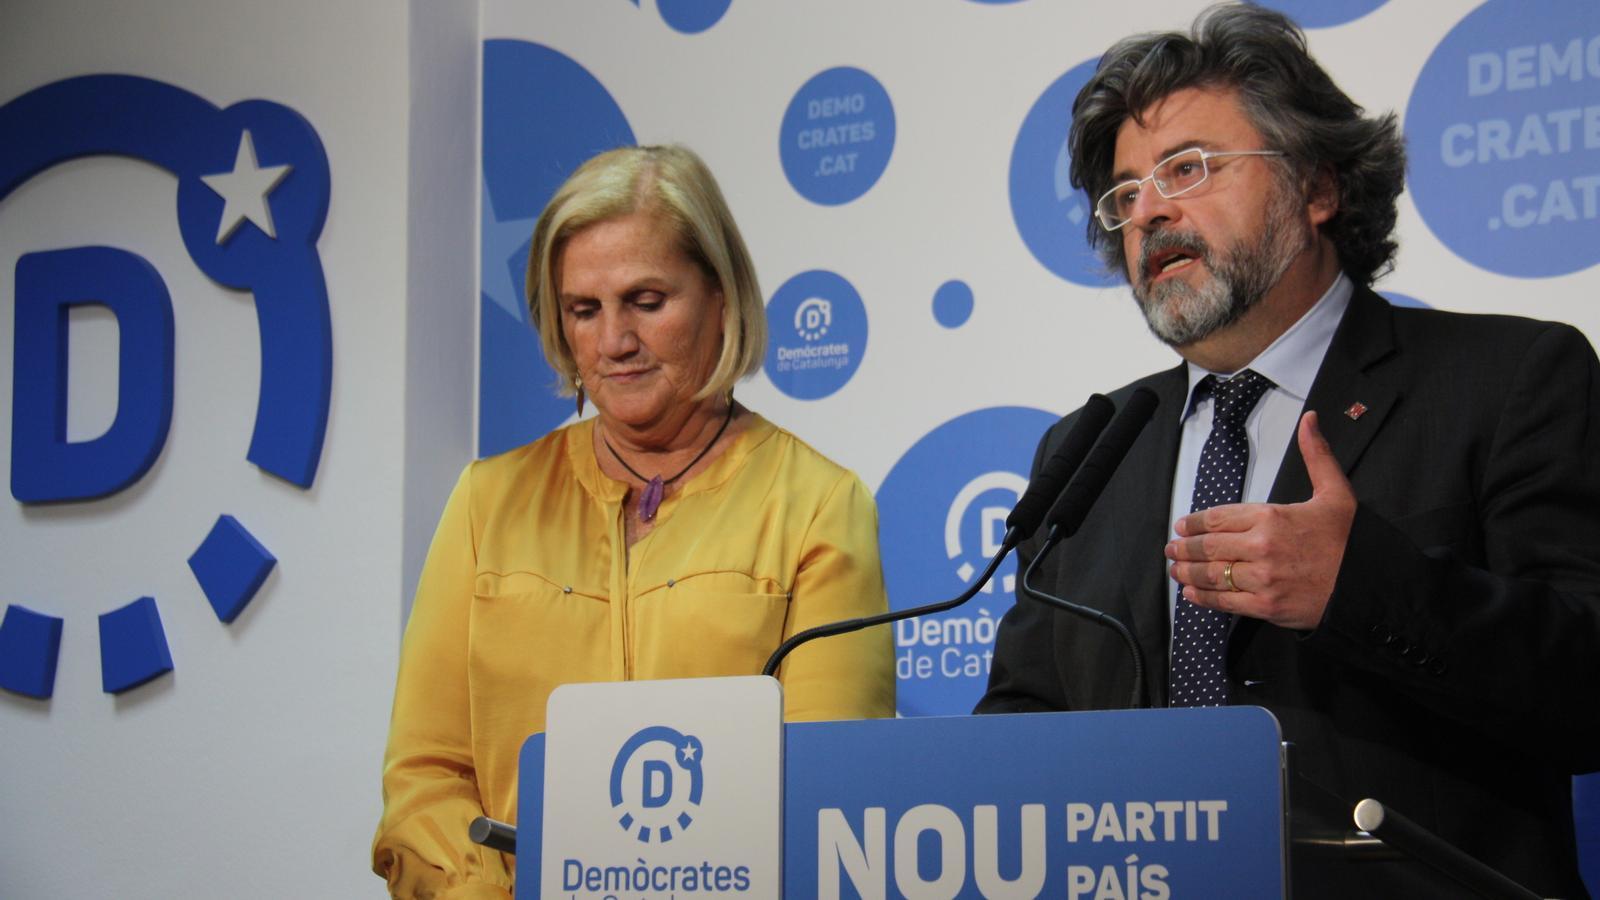 Les cares visibles de Demòcrates de Catalunya, Antoni Castellà i Núria de Gispert, en una roda de premsa a la seu del partit a principis de maig